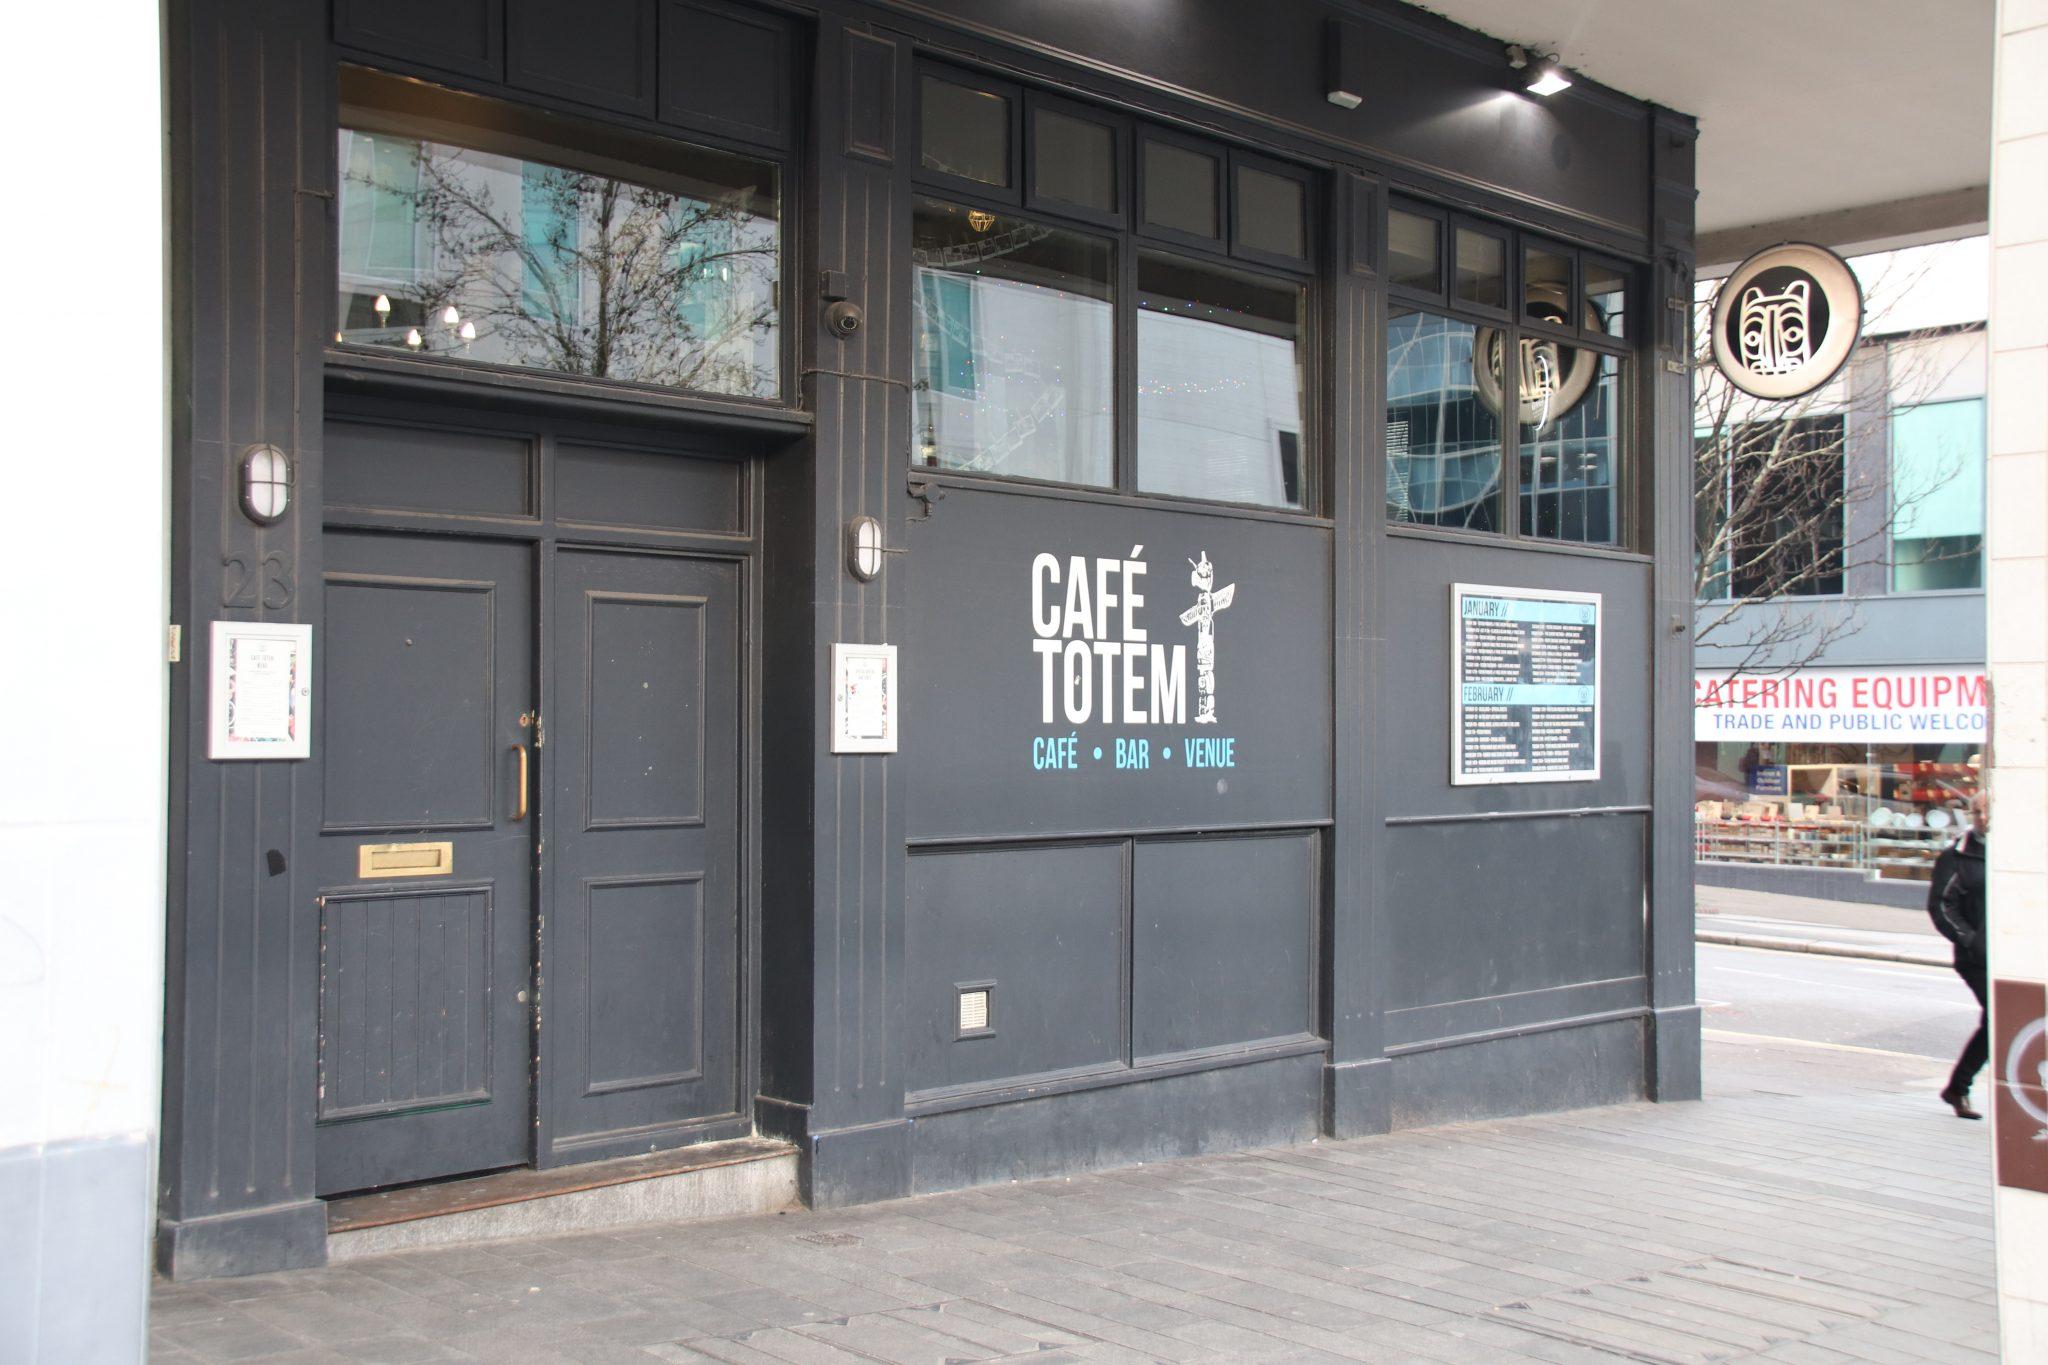 Cafe-Totem-Sheffield-Building